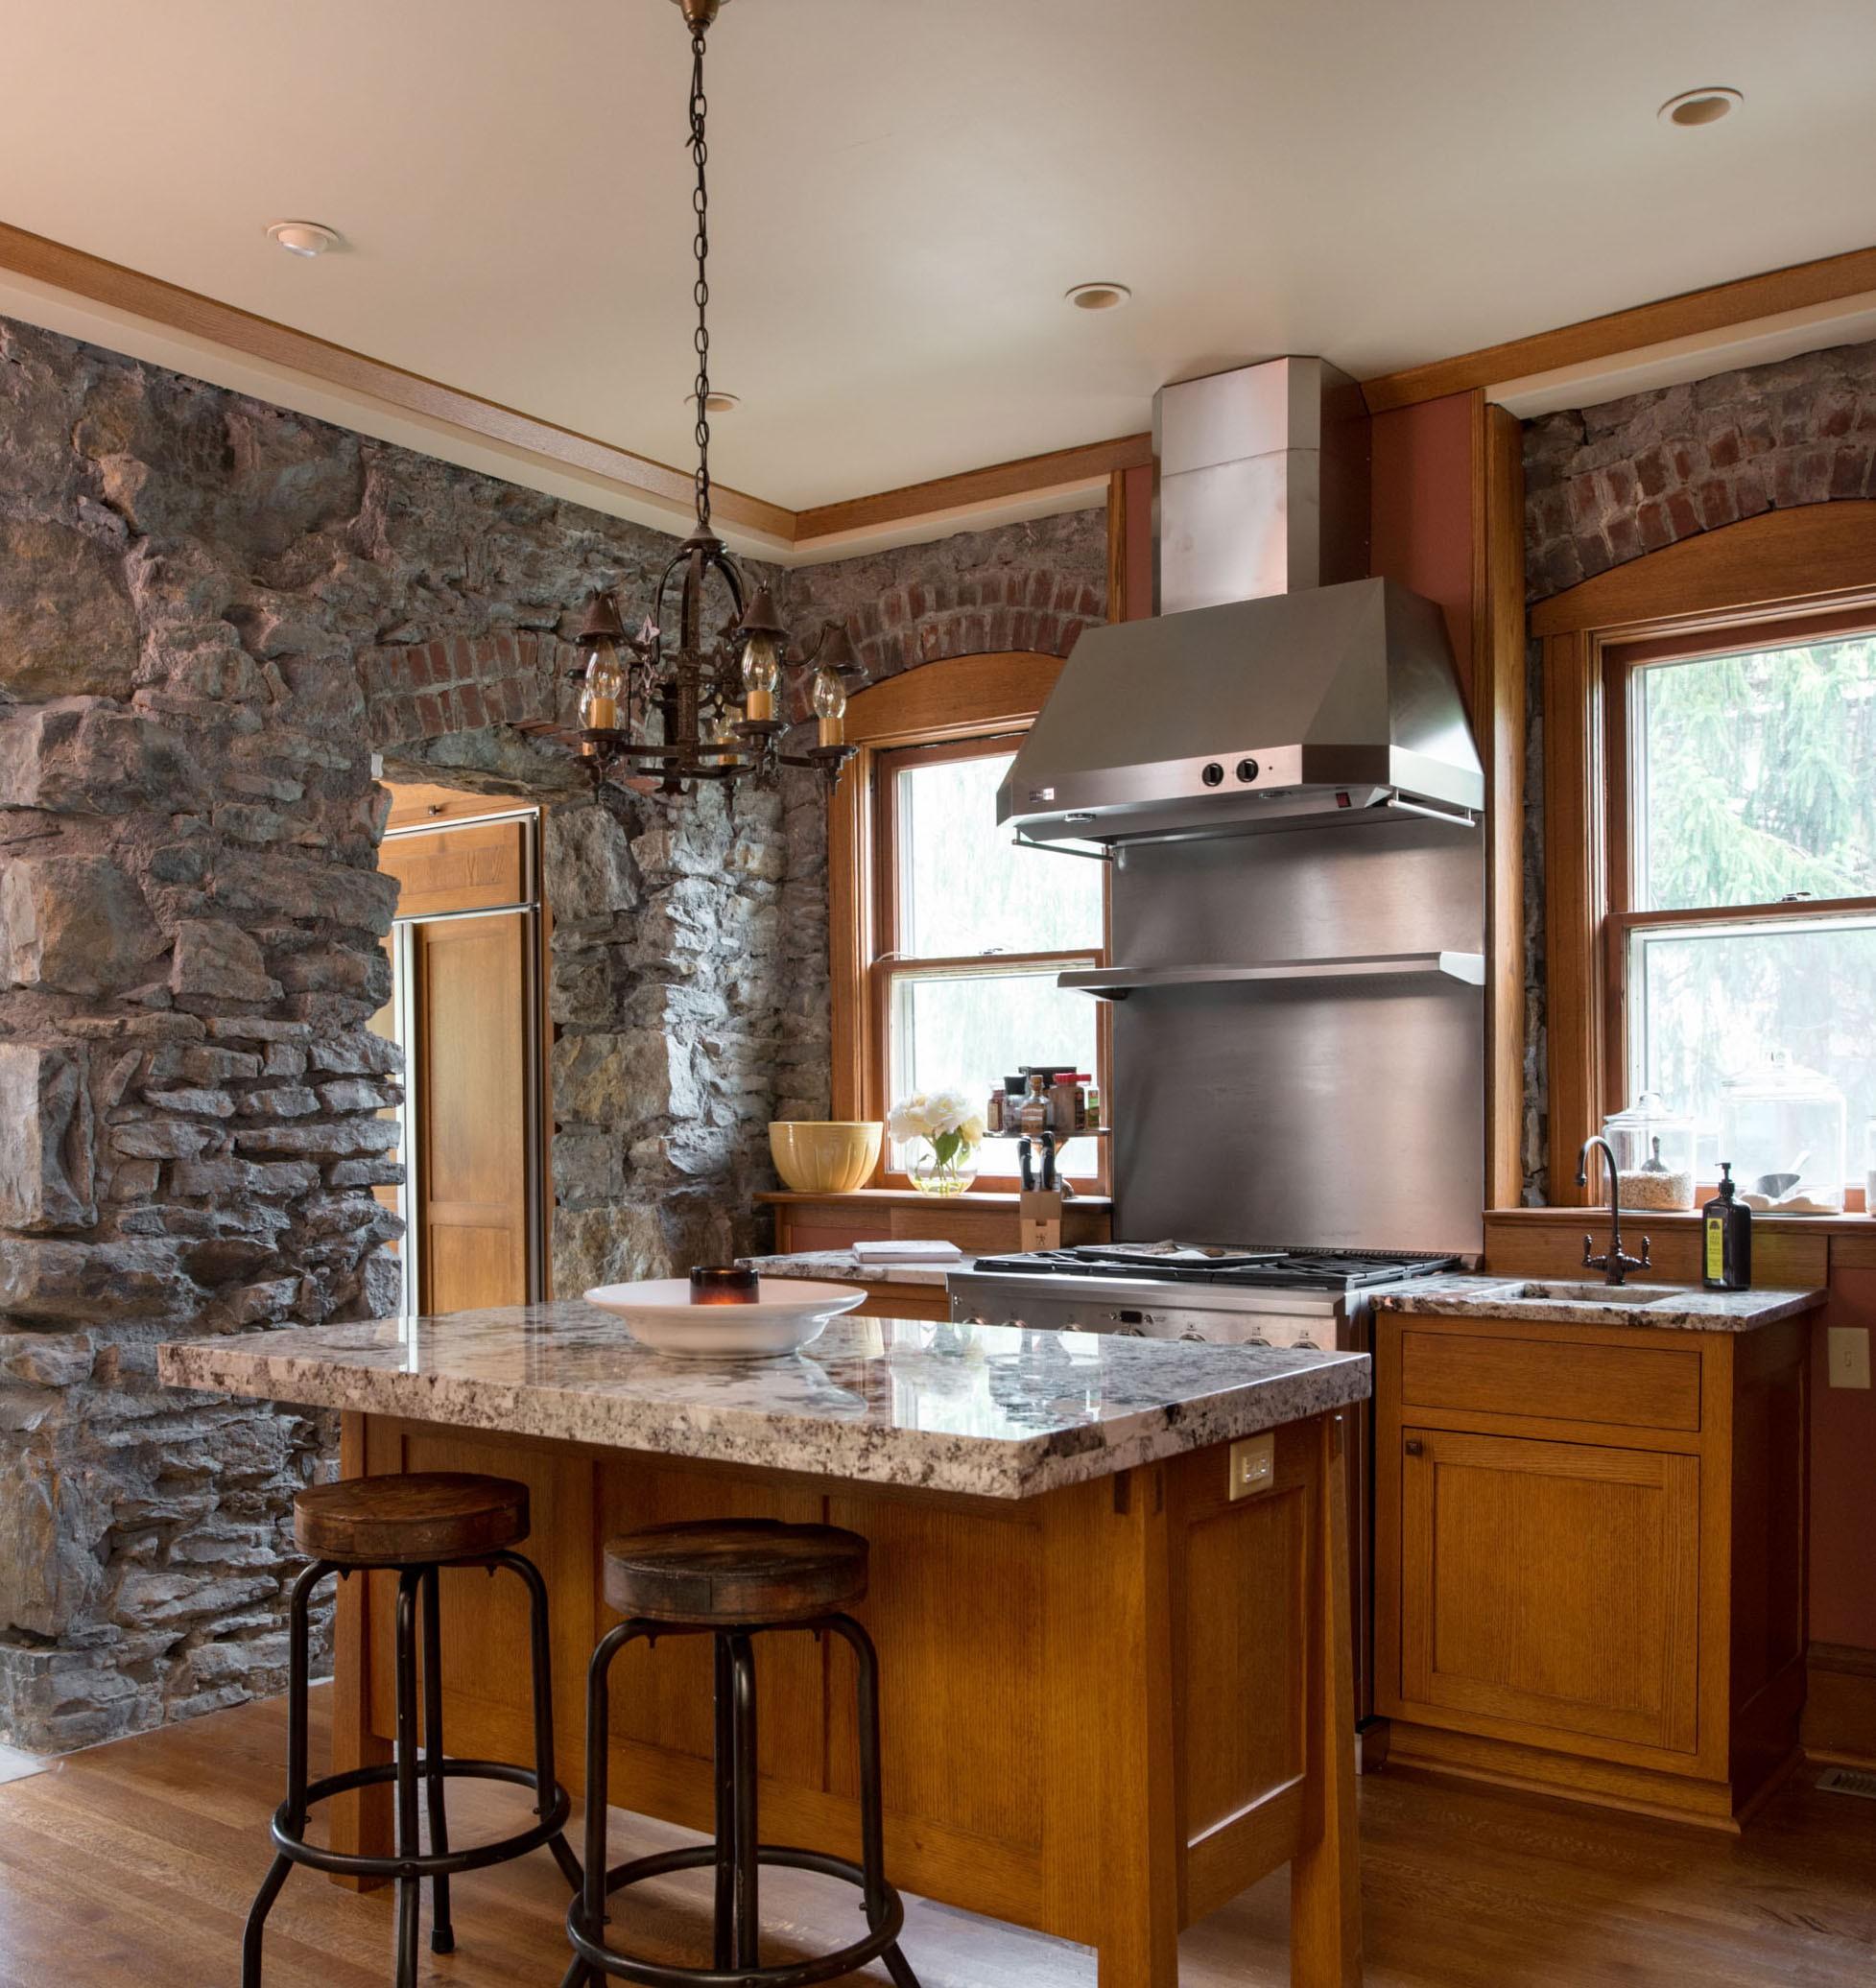 Historic 1900's Roanoke Kitchen Remodel